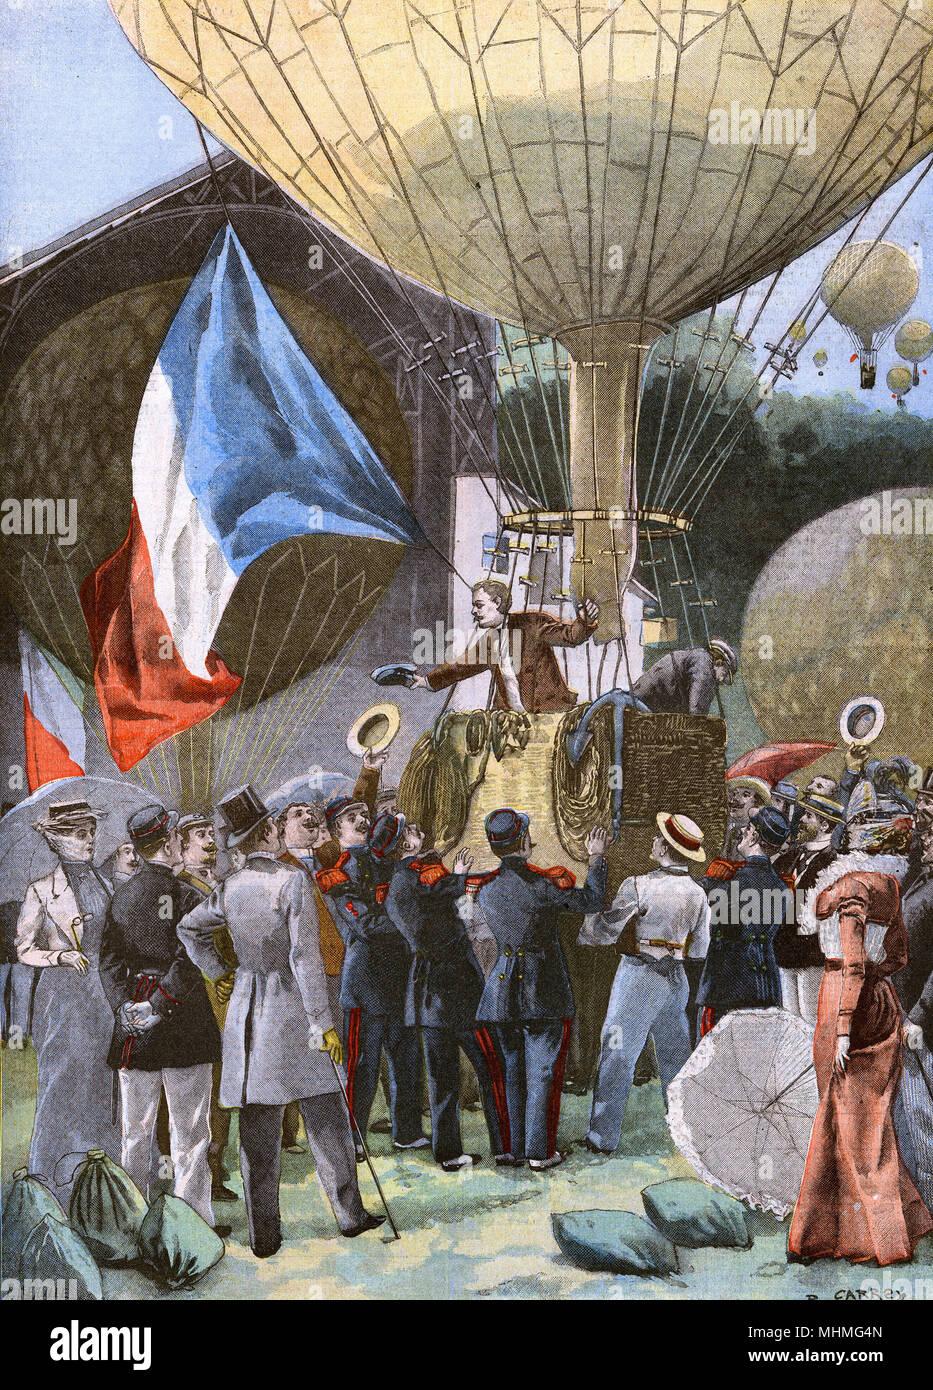 Un palloncino al rally di Vincennes, nella periferia di Parigi. Data: 1900 Immagini Stock